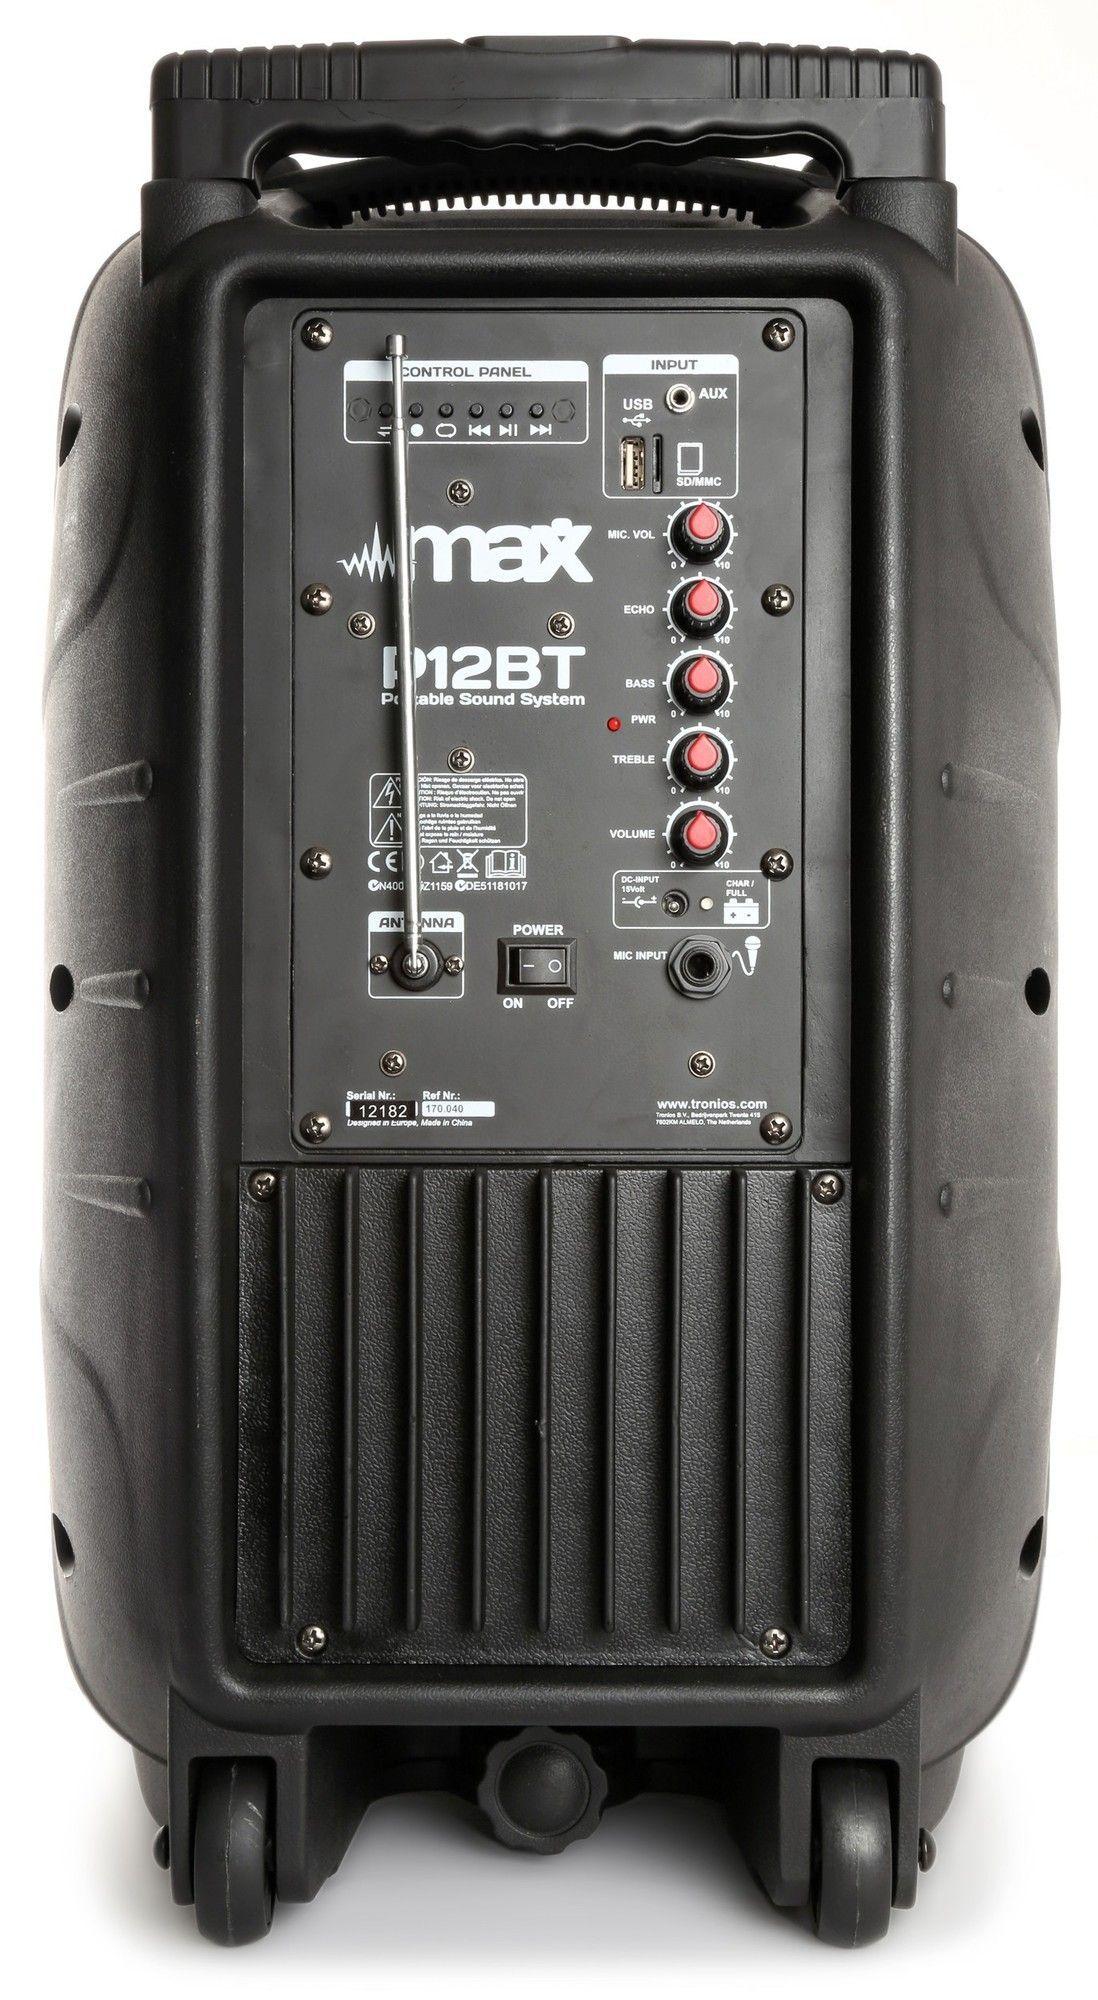 170040_max_p12bt_mobiele_speaker_12_inch_met_bluetooth_achterkant.jpg